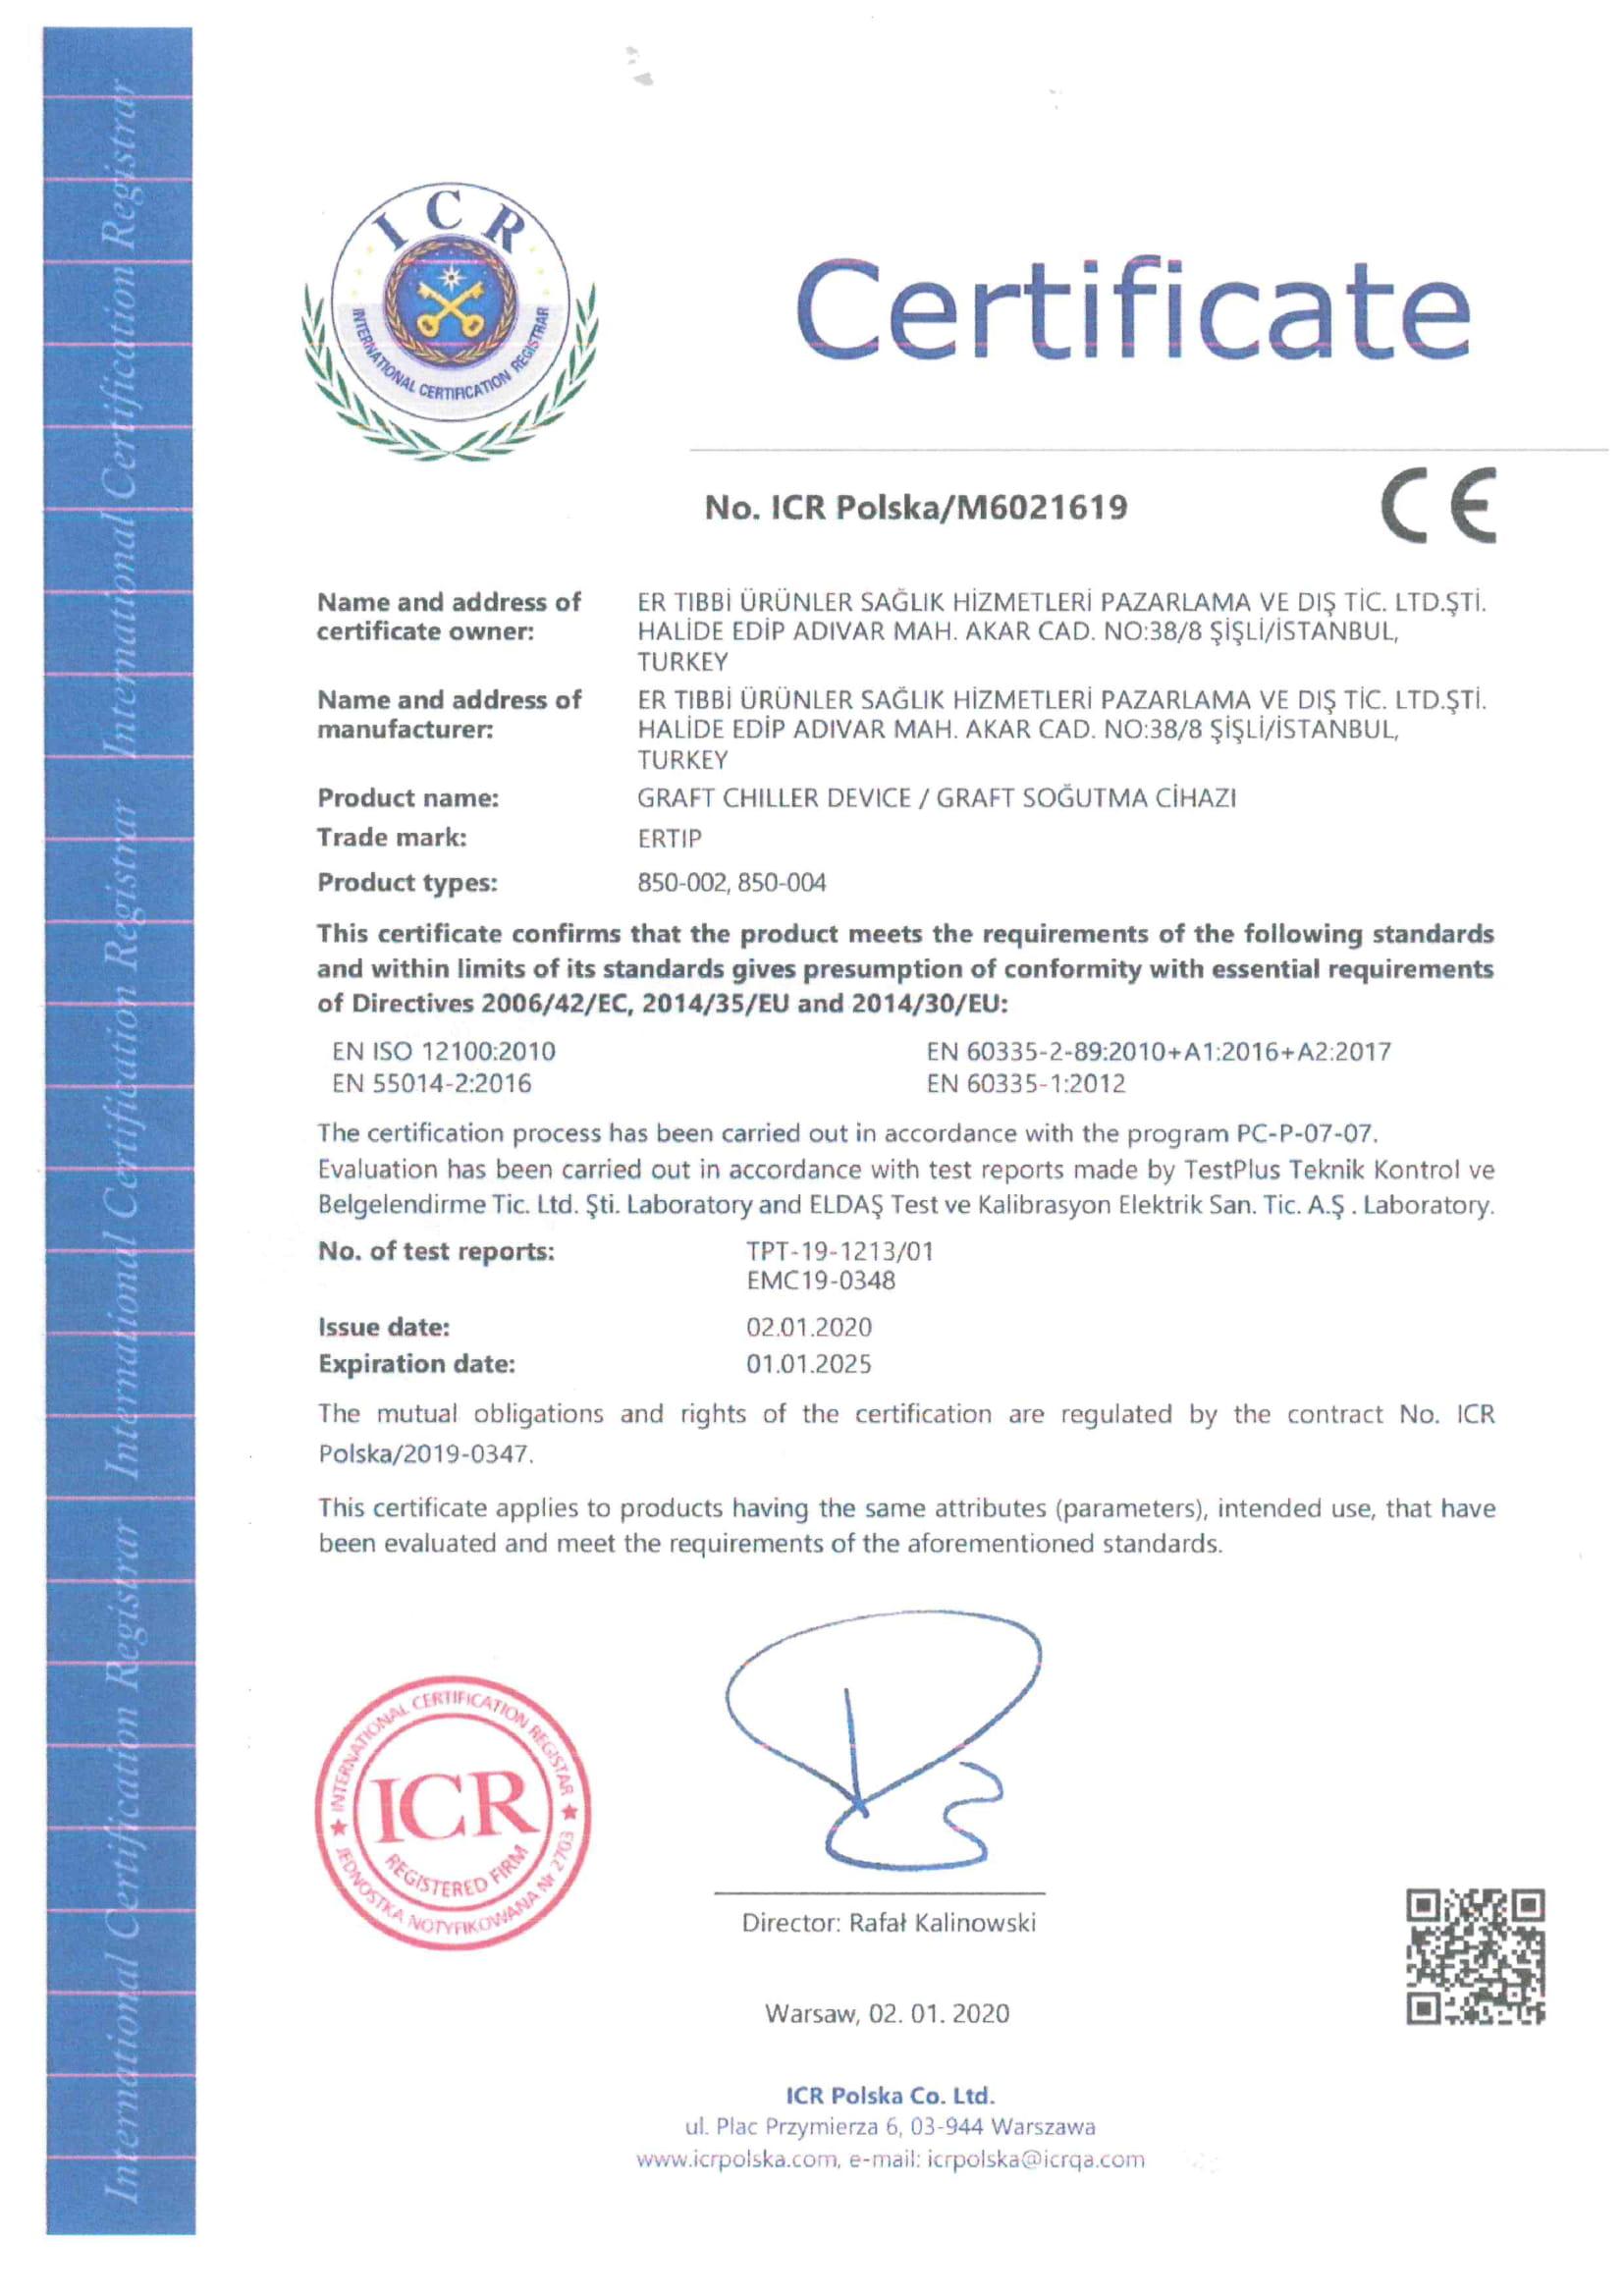 Graft Cooler CE Certificate